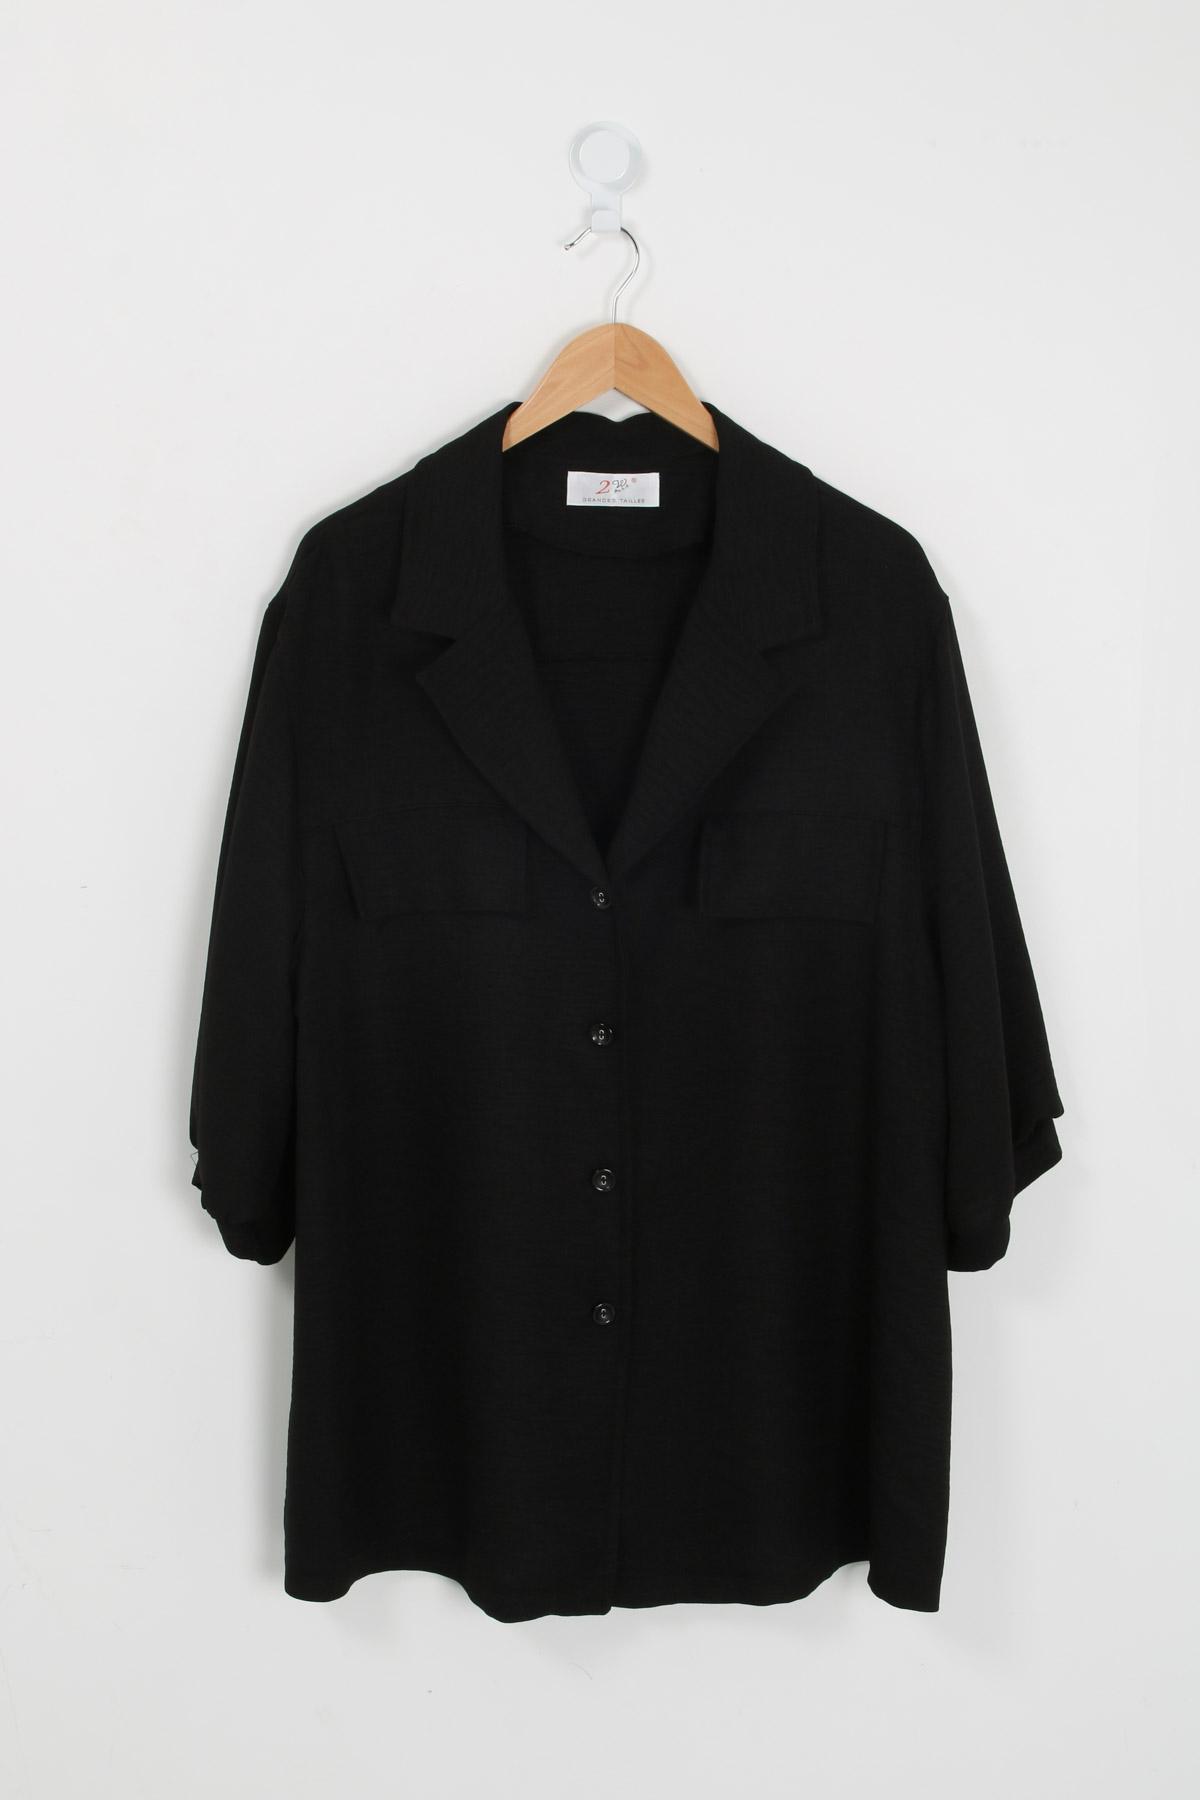 chemise grande taille femme 2W PARIS c1321 noir 46-60